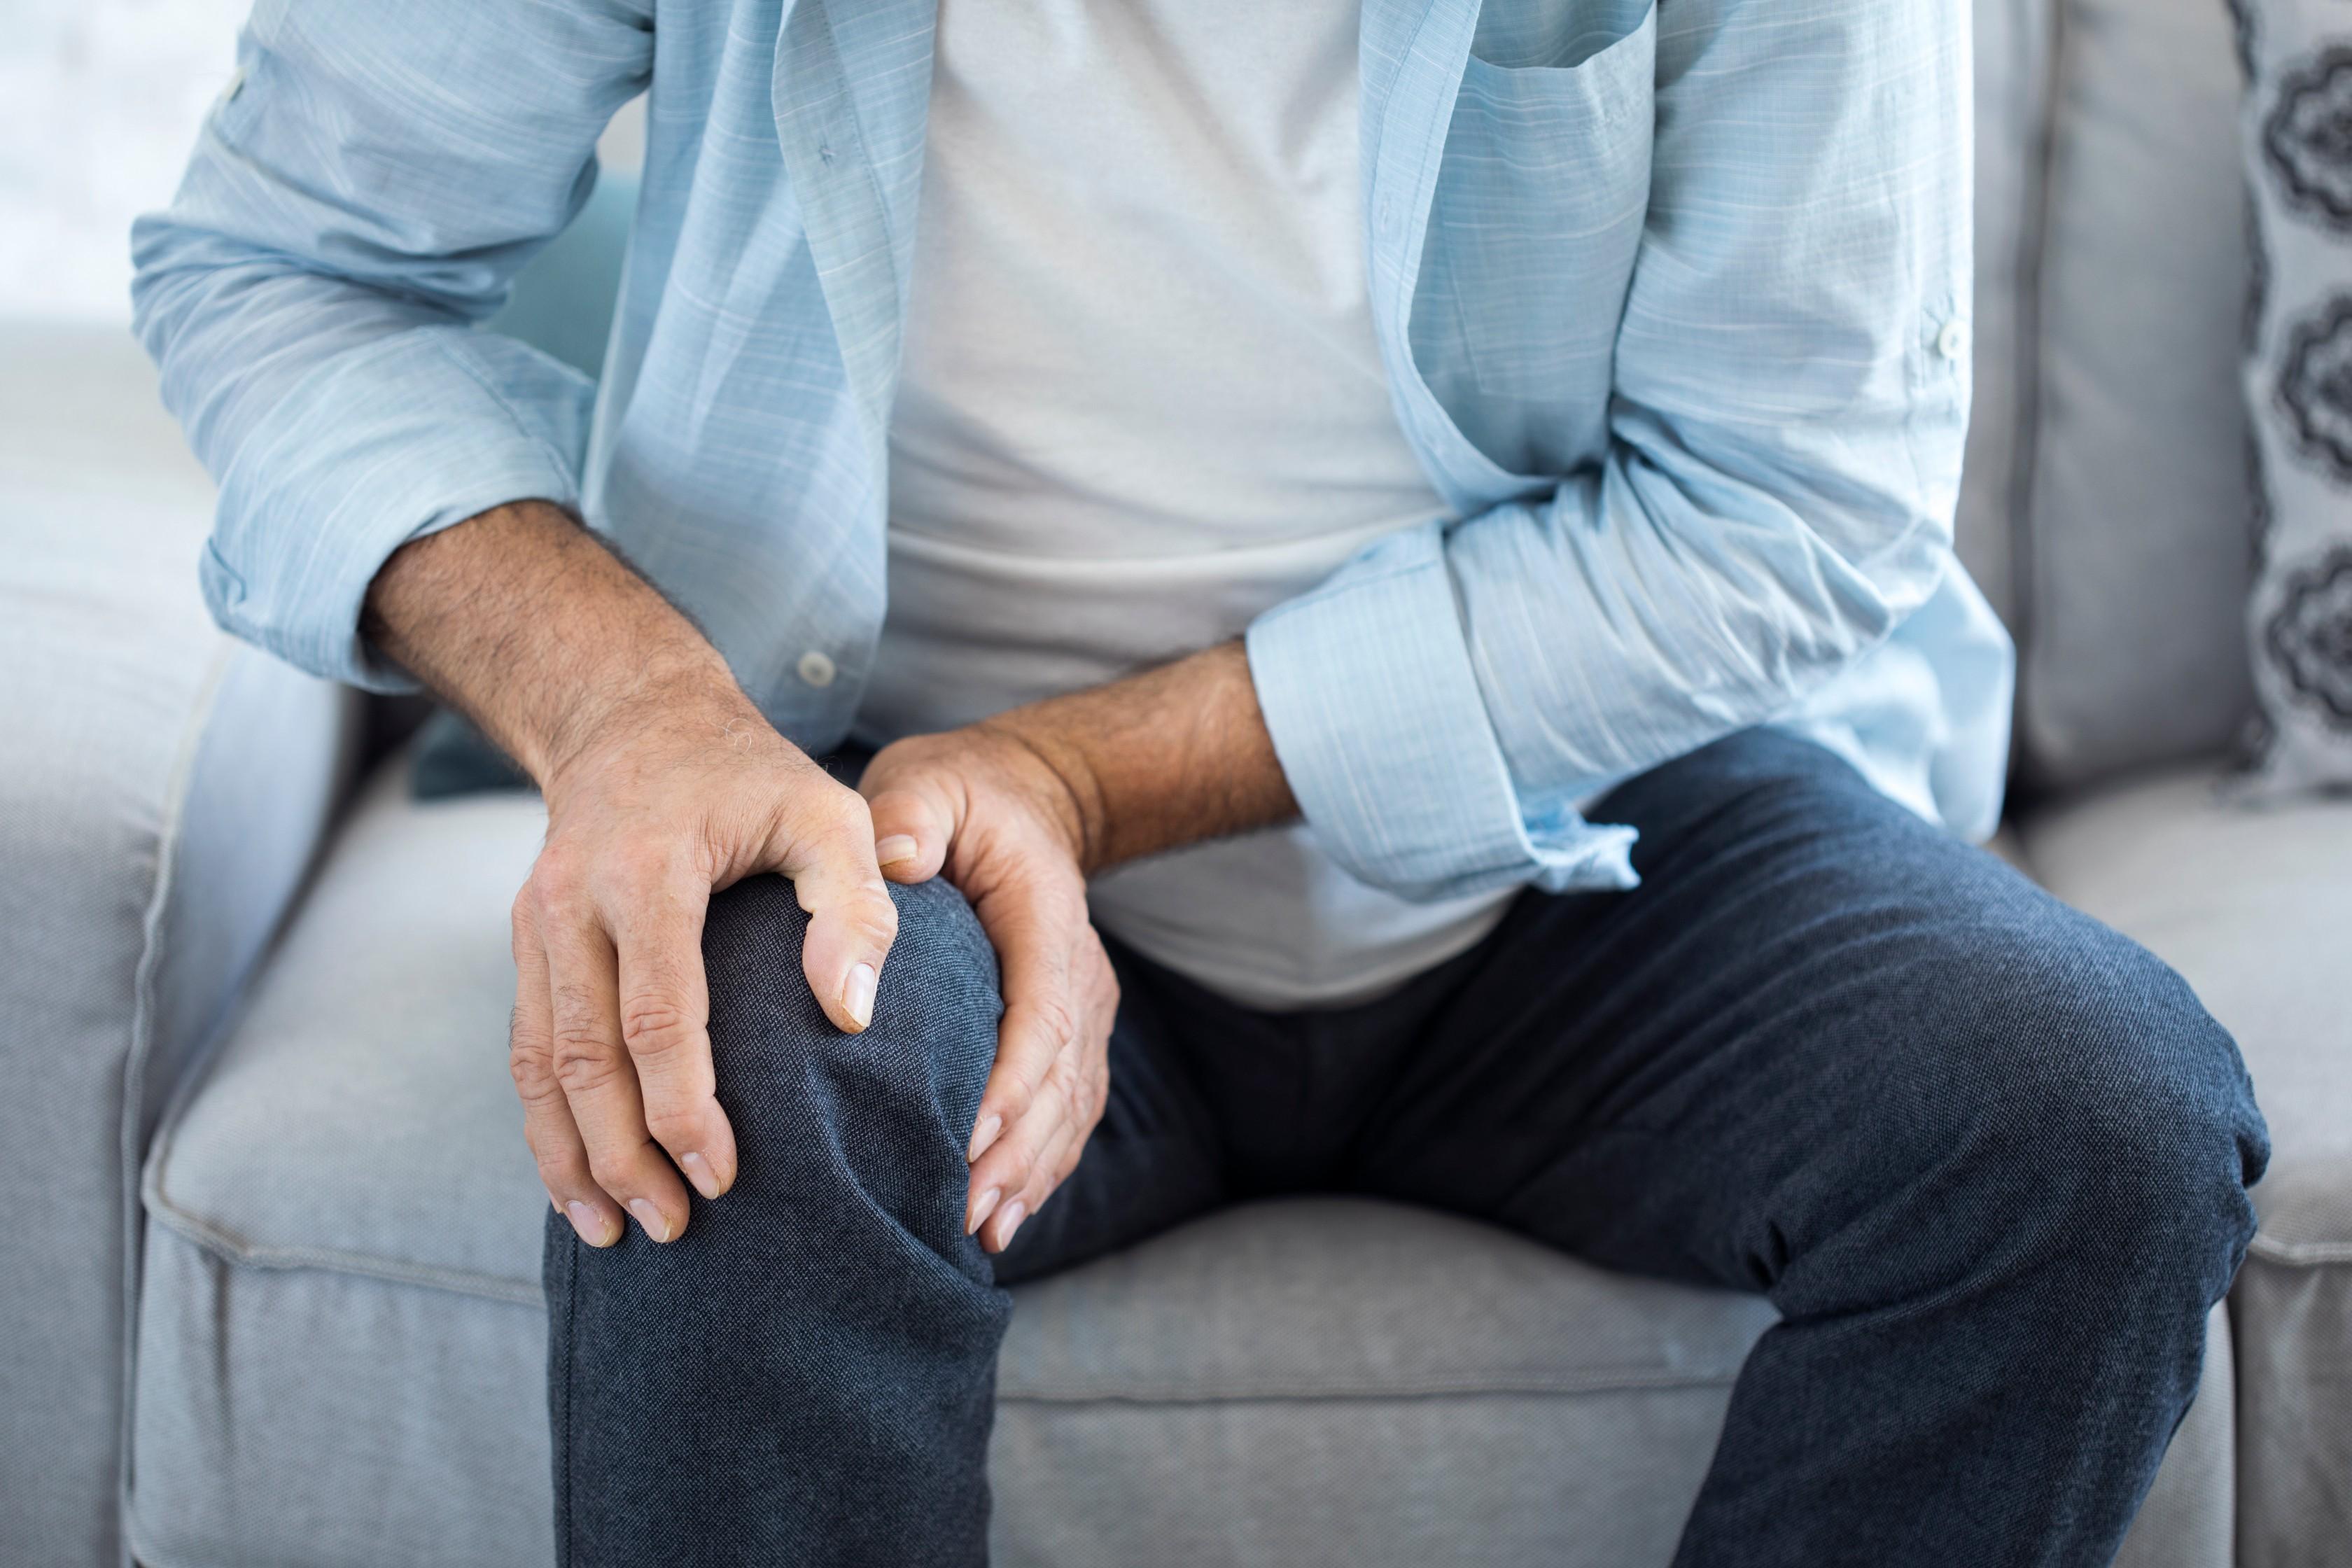 miért fáj az egész test és az ízületek fájdalom és ropogás a gerinc ízületeiben